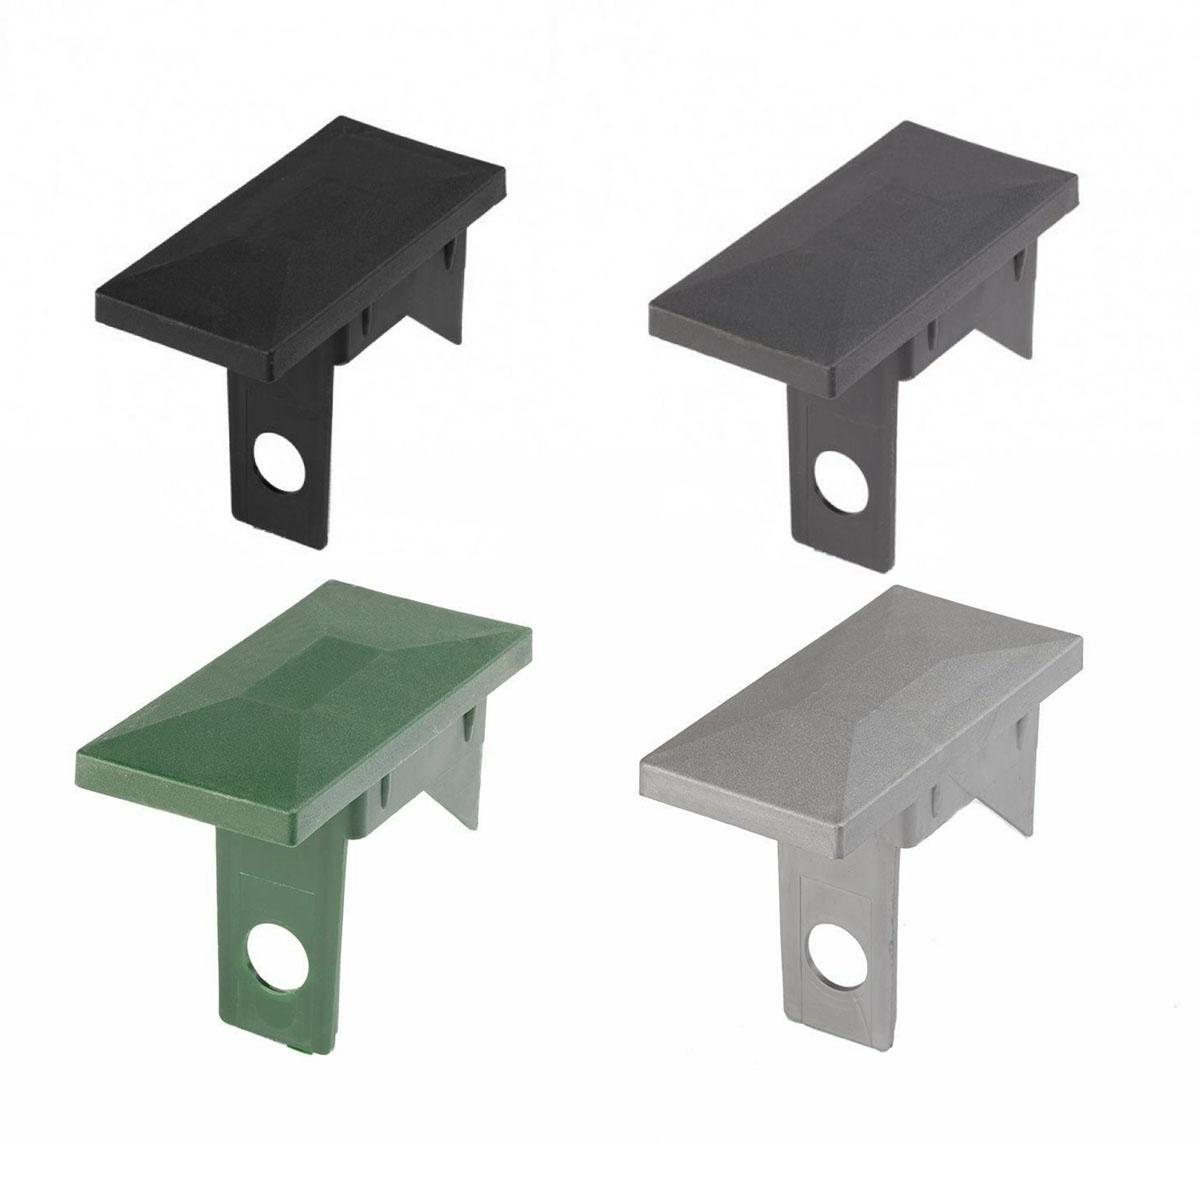 Kugelkappe Verschiedene Gr/ö/ßen Pfostenabdeckung Materialwahl Pfostenkappe mit Kugelkopf in Setzt von 1 bis 12 Abdeckkappe f/ür Pfosten